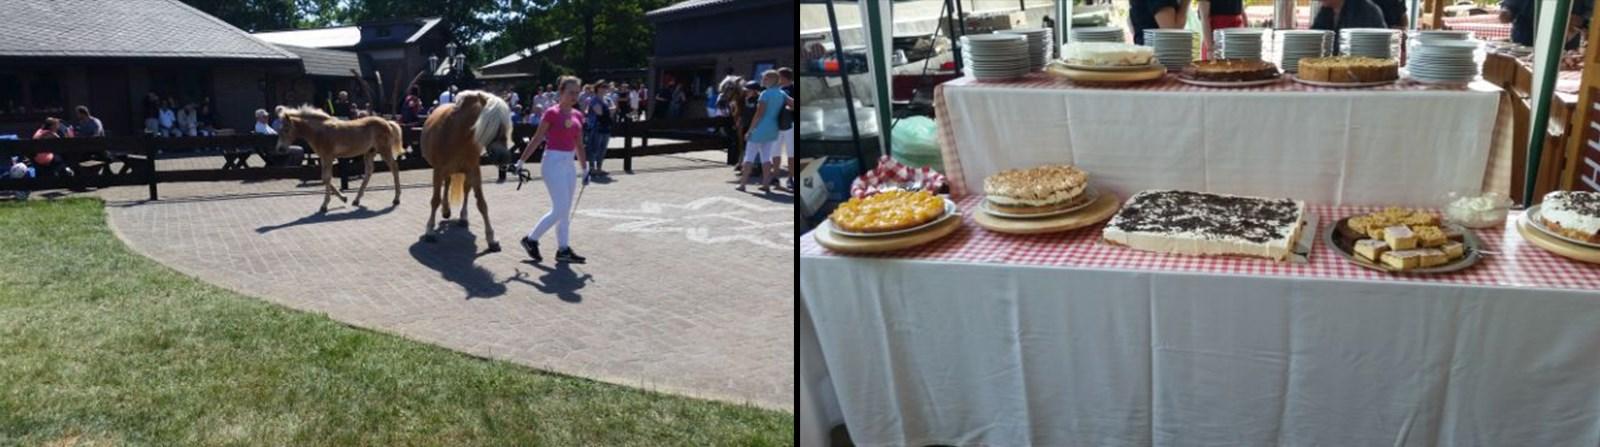 Links: Die obligatorische Fohlenshow / rechts: die leckeren Torten und Kuchen